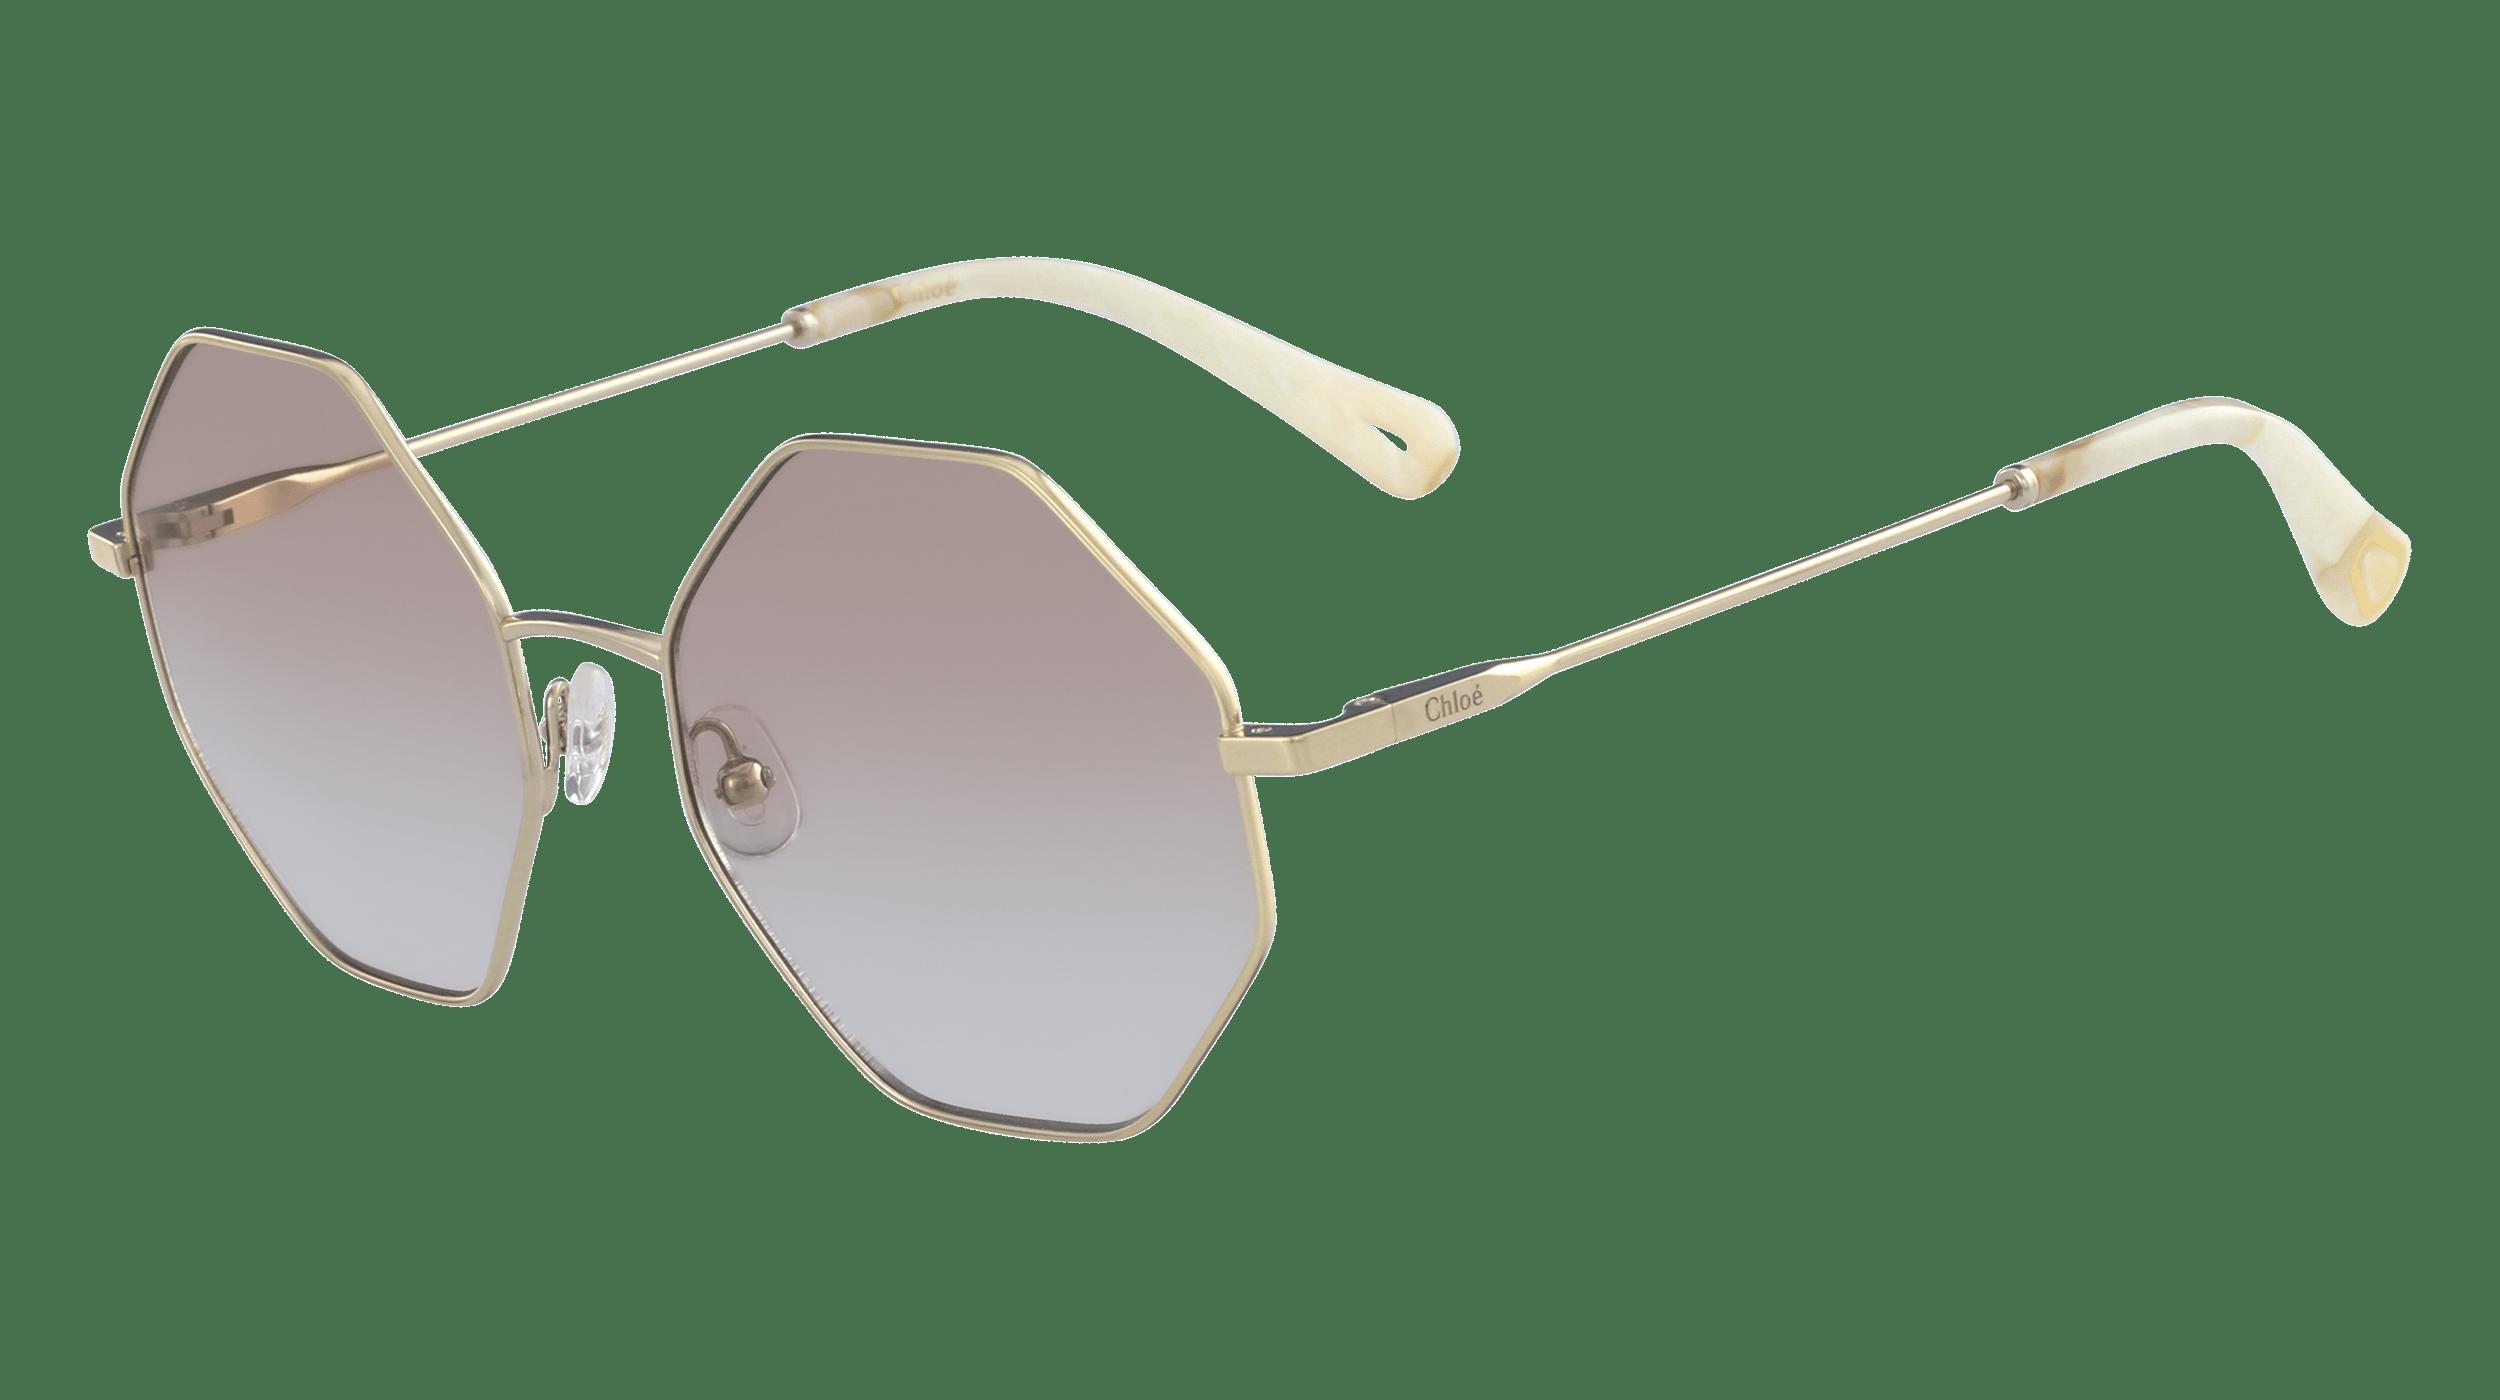 Nahaufnahme von einer Cloé Sonnenbrille mit eckigen Rahmen, getönten changierenden Brillengläsern und champagnerfarbenen Bügeln.